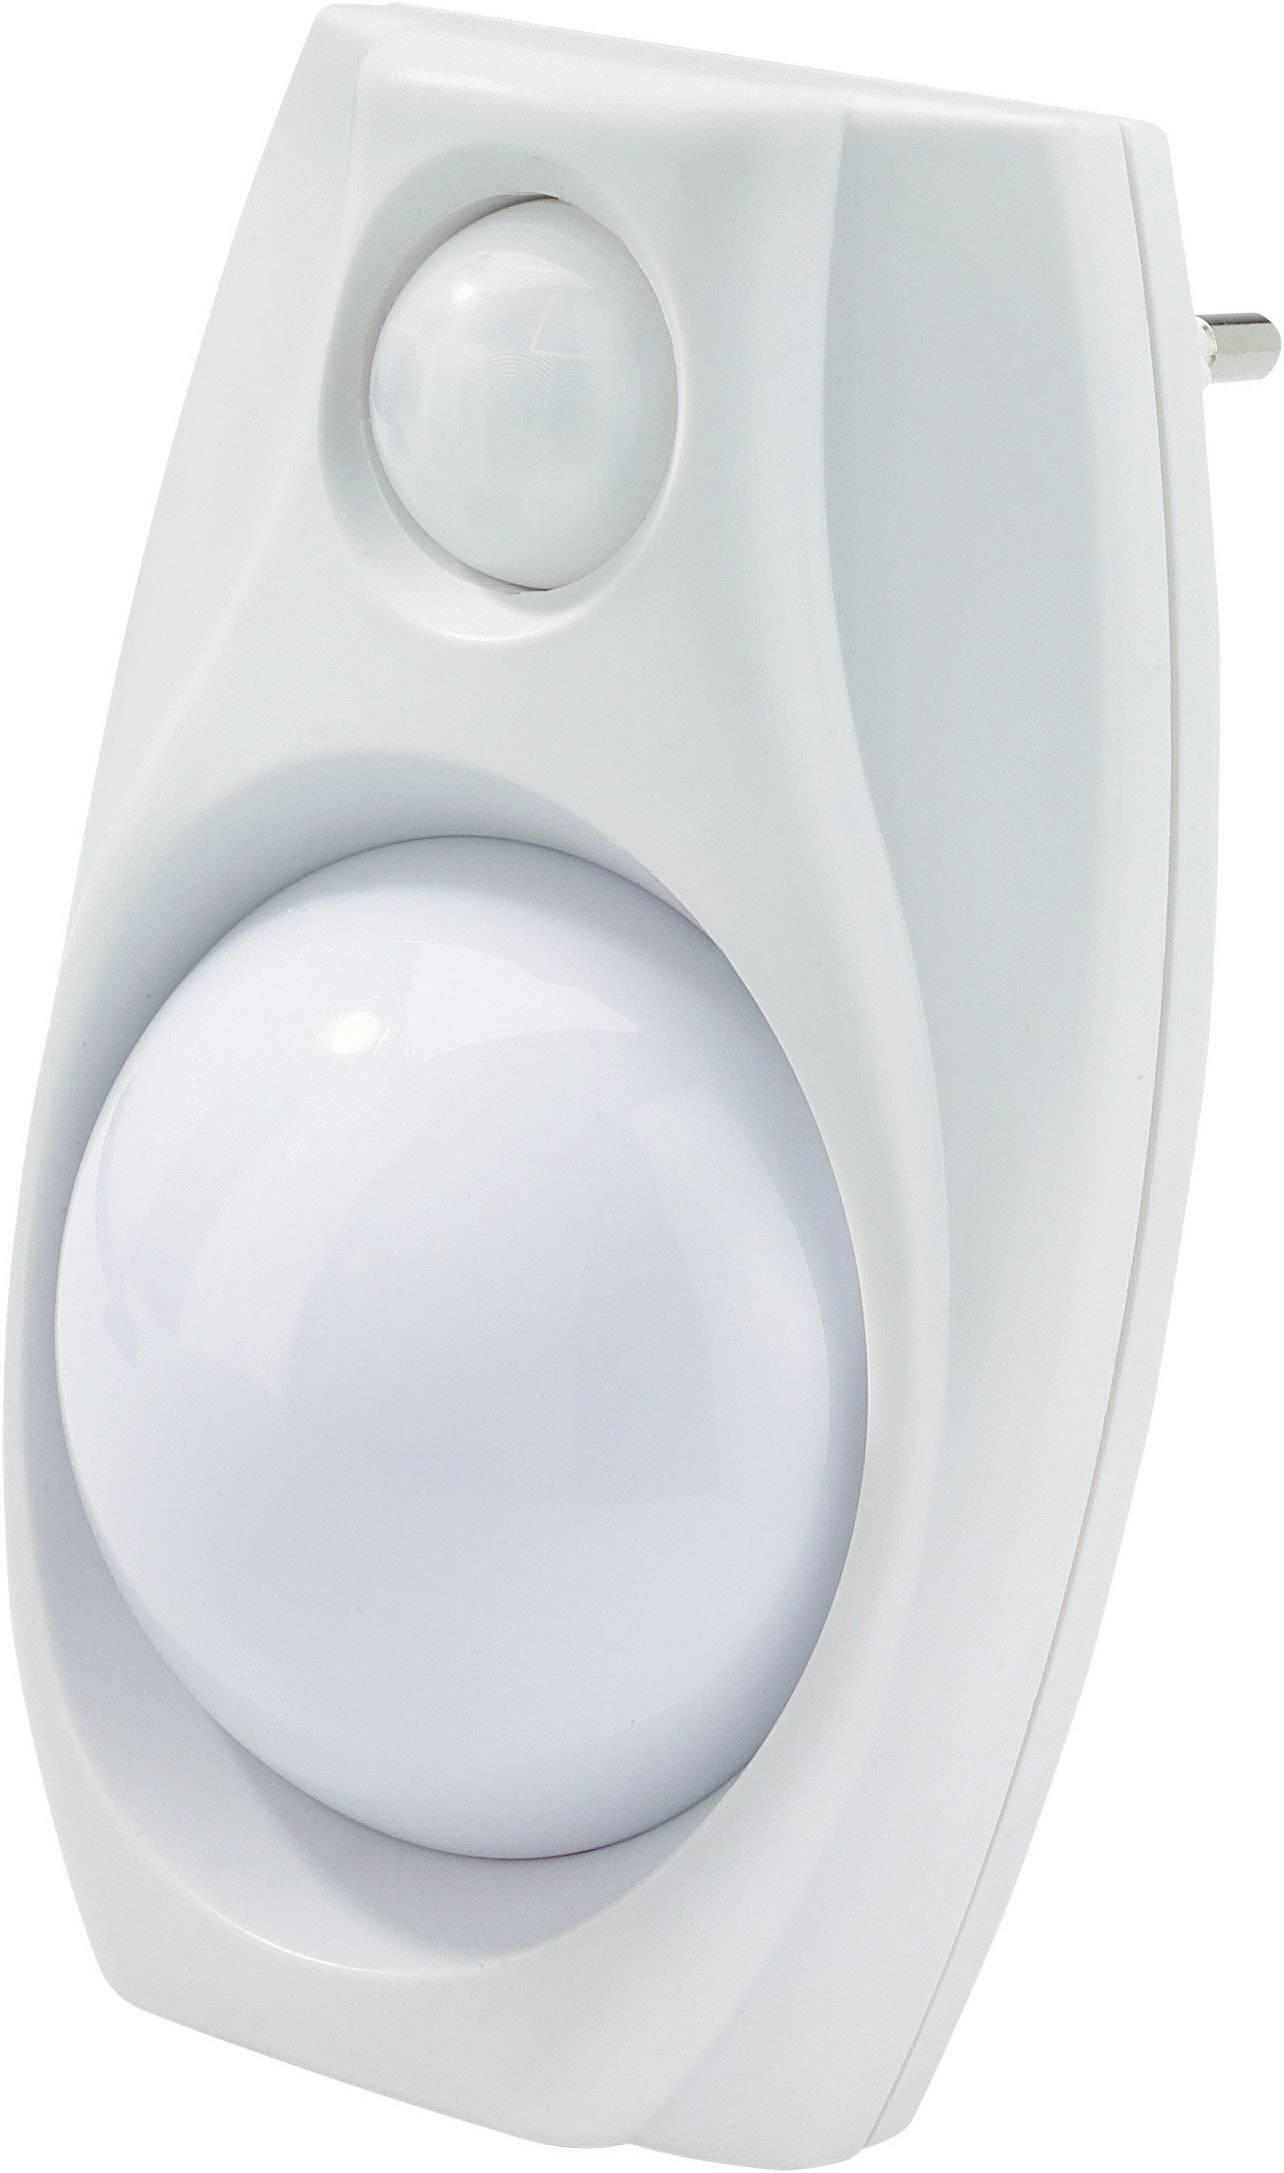 Nočné LED svetlo s pohybovým senzorom, biele